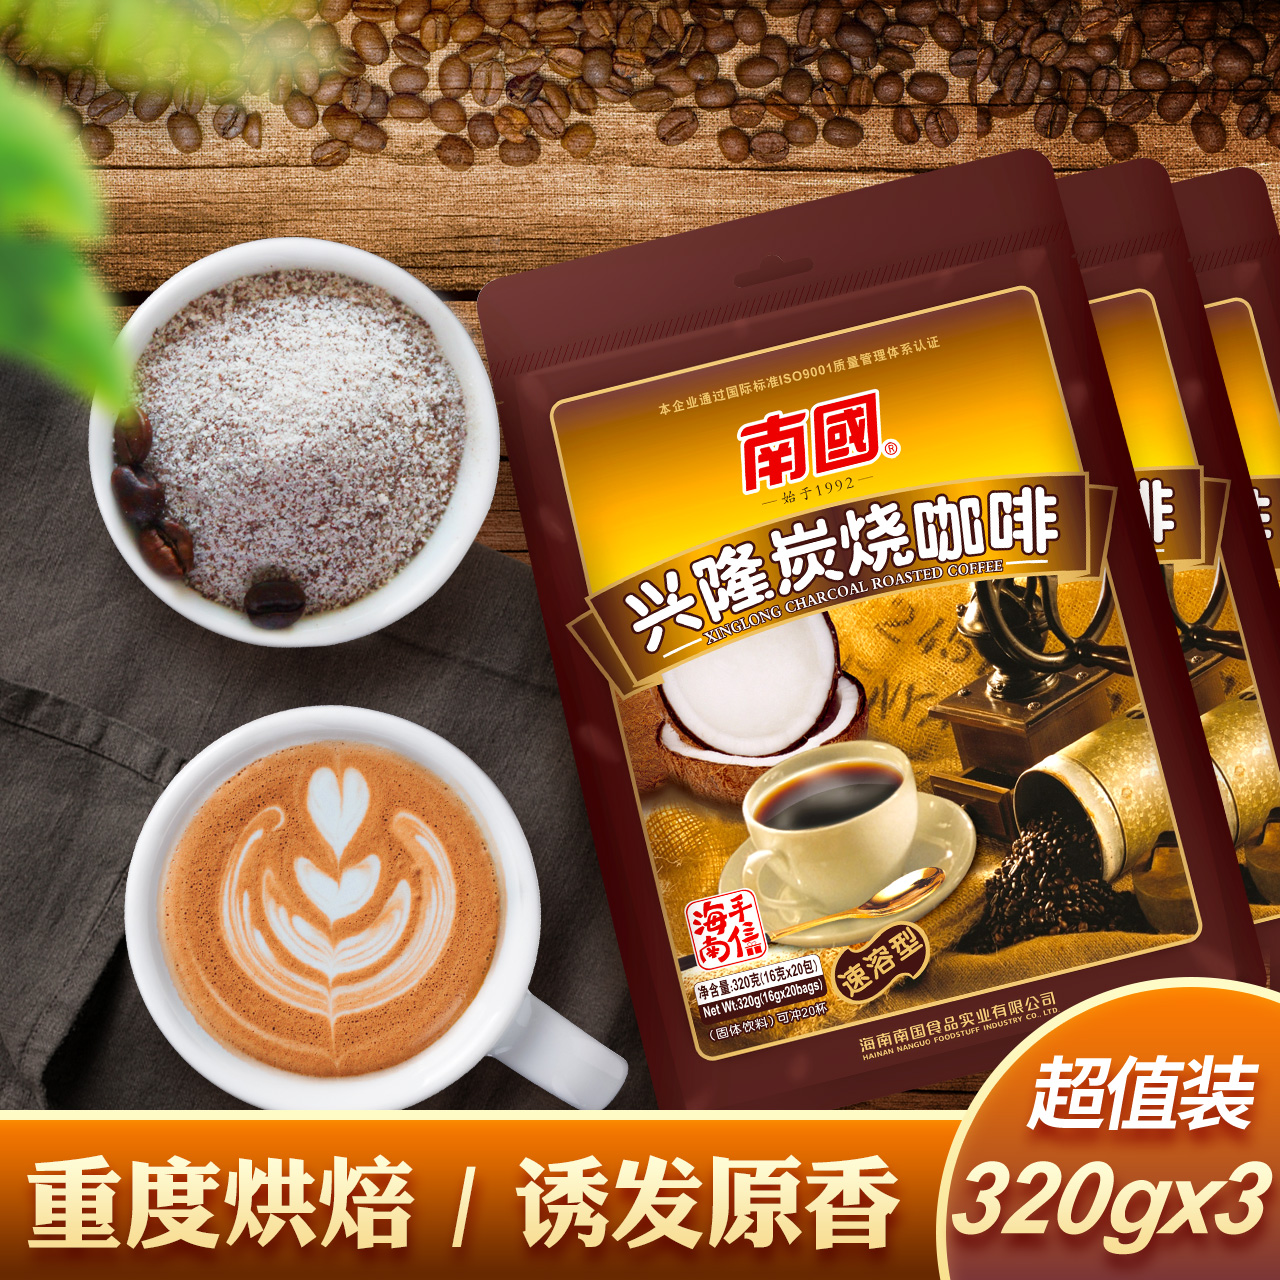 南国食品海南特产兴隆炭烧咖啡320gX3袋速溶咖啡粉独立小包小袋装